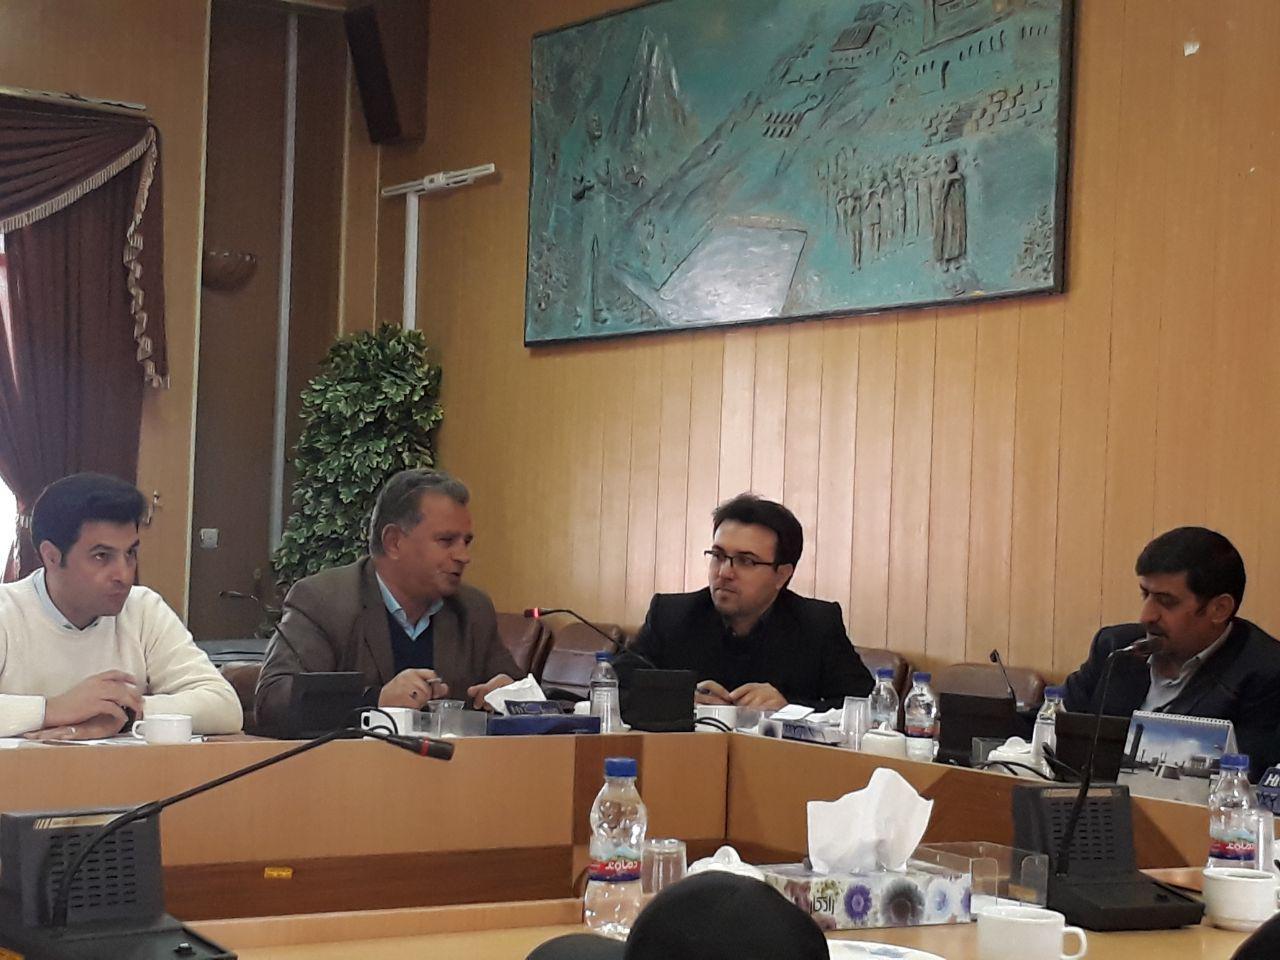 نشست کارگروه تخصصی سلامت و امنیت غذایی شهرستان دماوند (1)